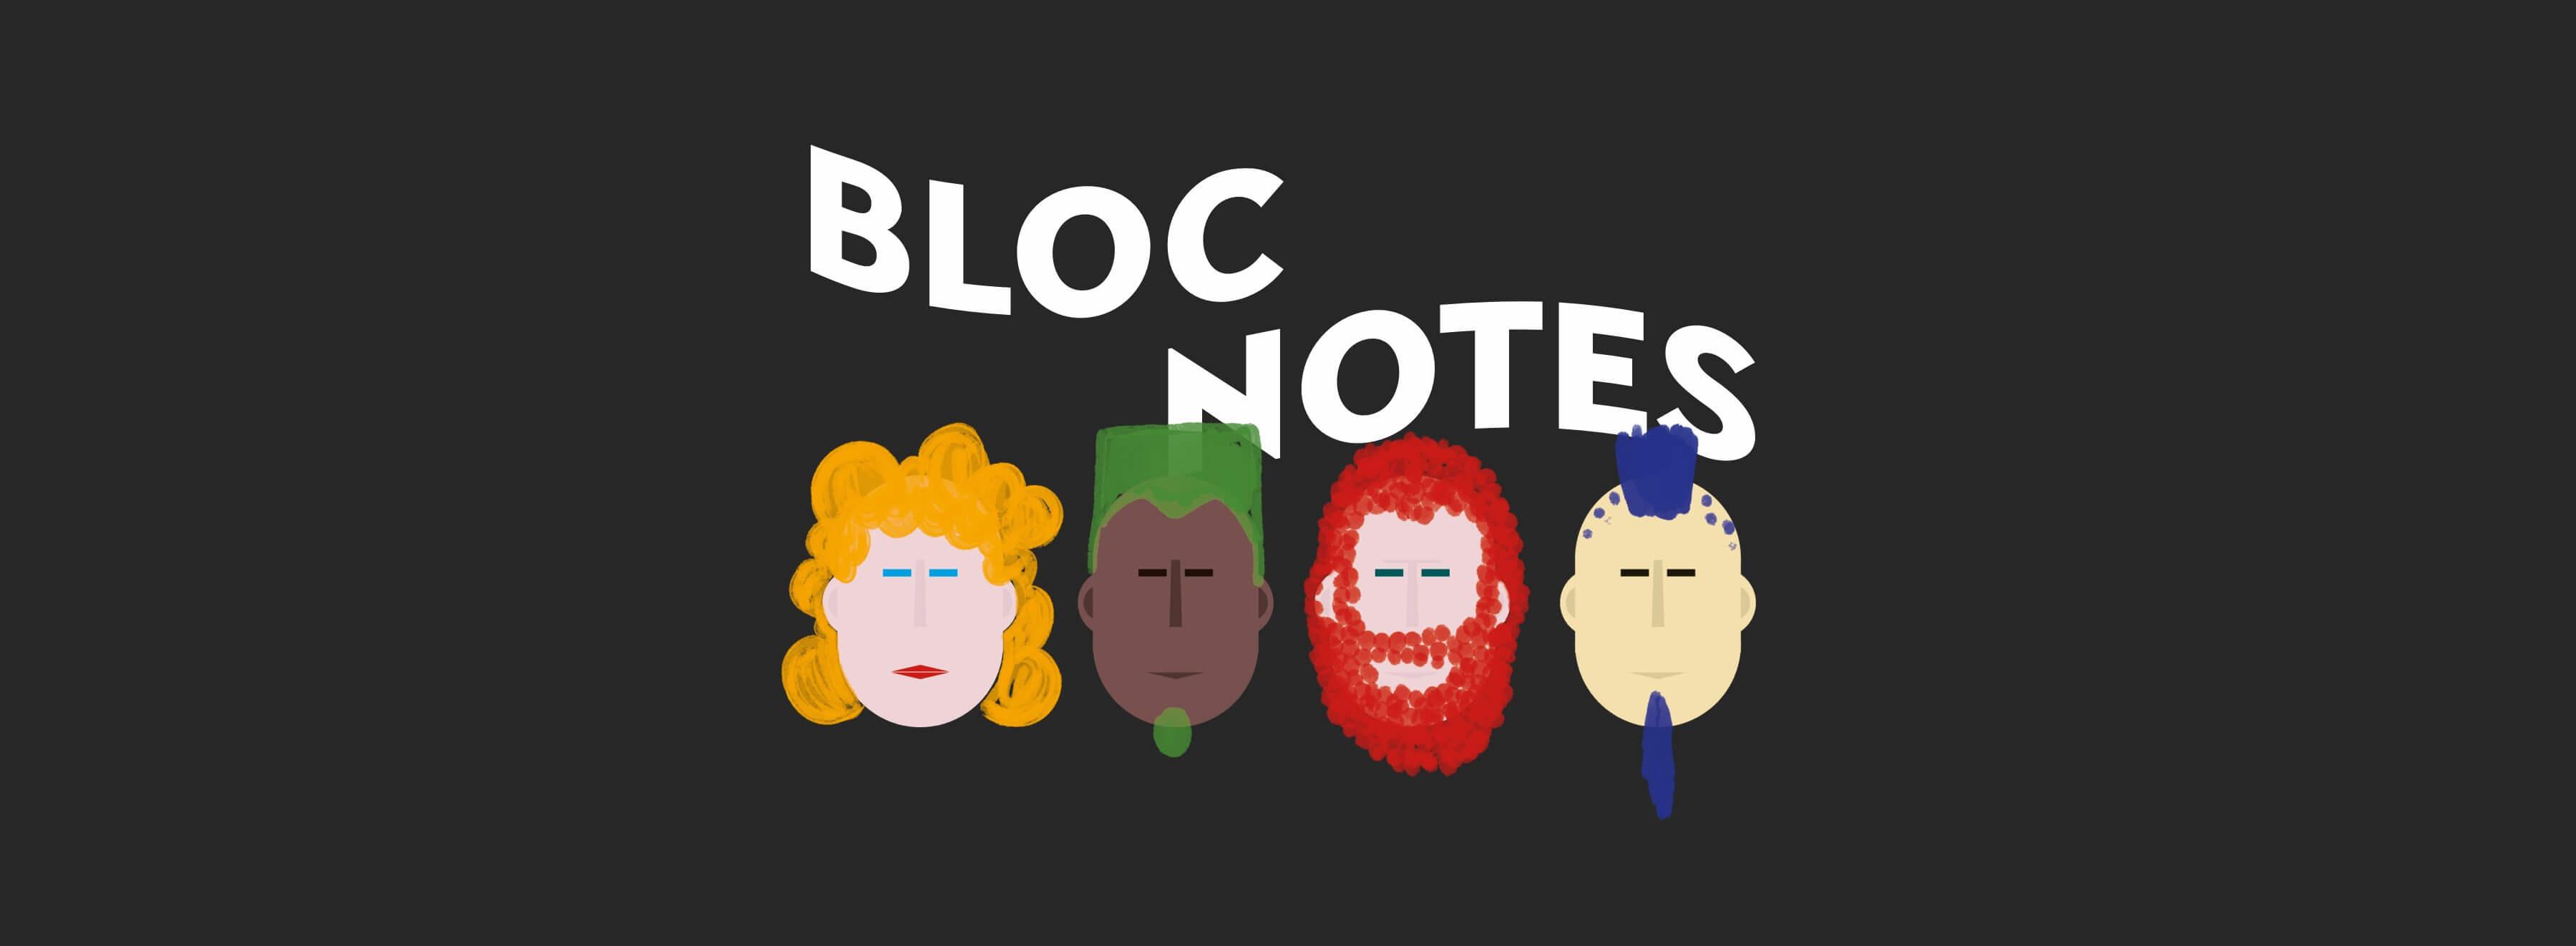 Free Alphabeth Bloc Notes - Blossom